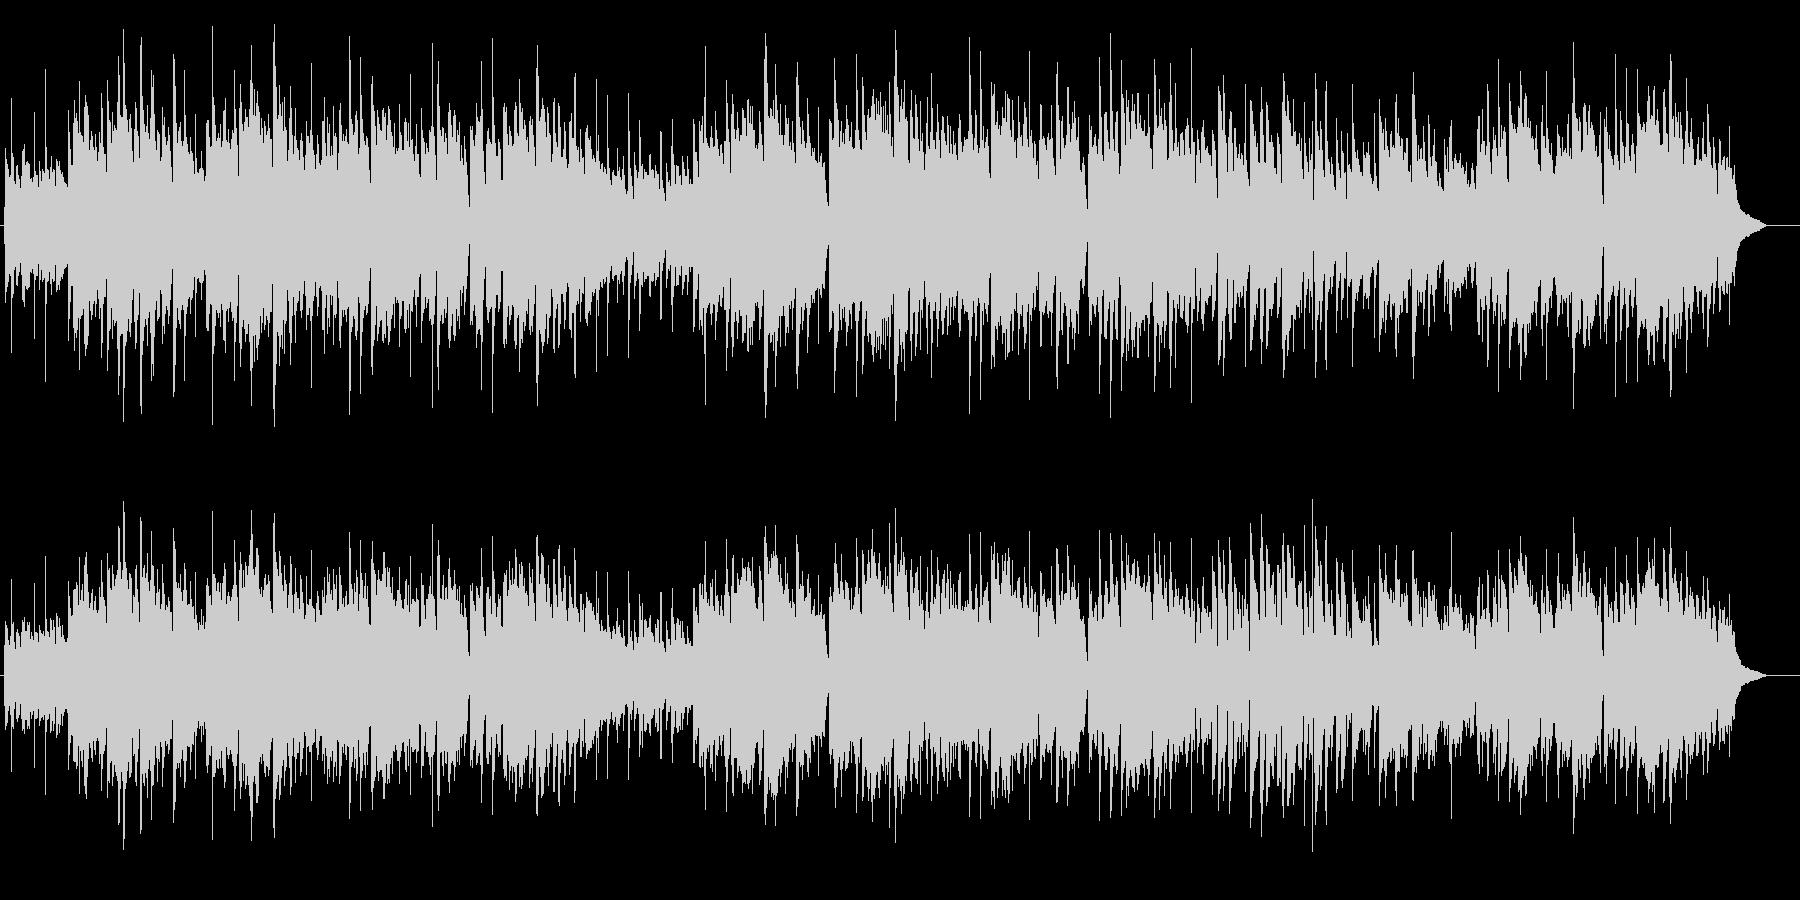 アコーディオン英国民謡グリーンスリーブスの未再生の波形